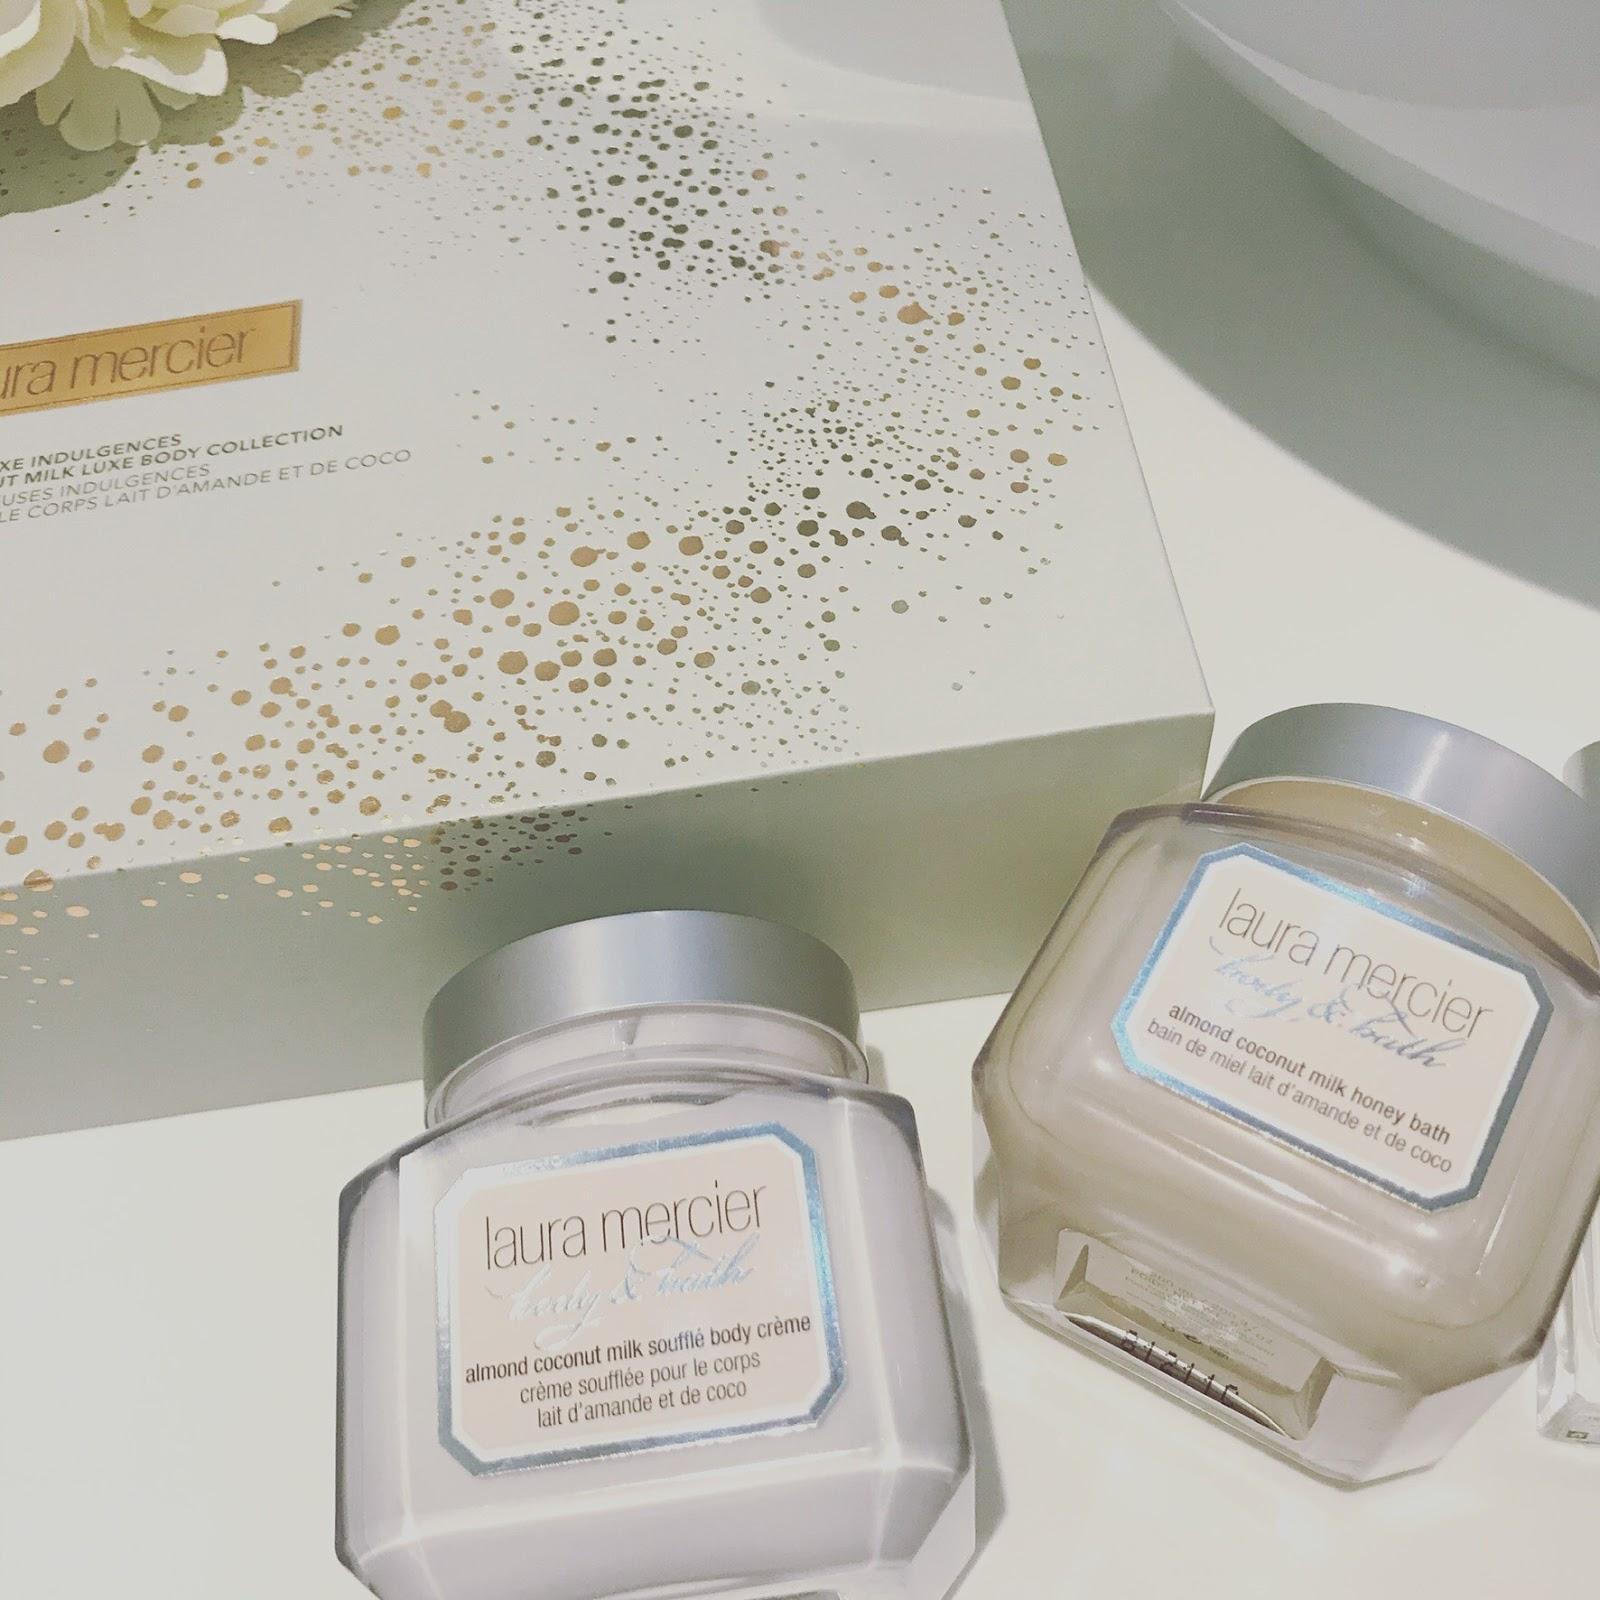 Laura Mercier Almond and Coconut Milk Cream Bath and Body Cream